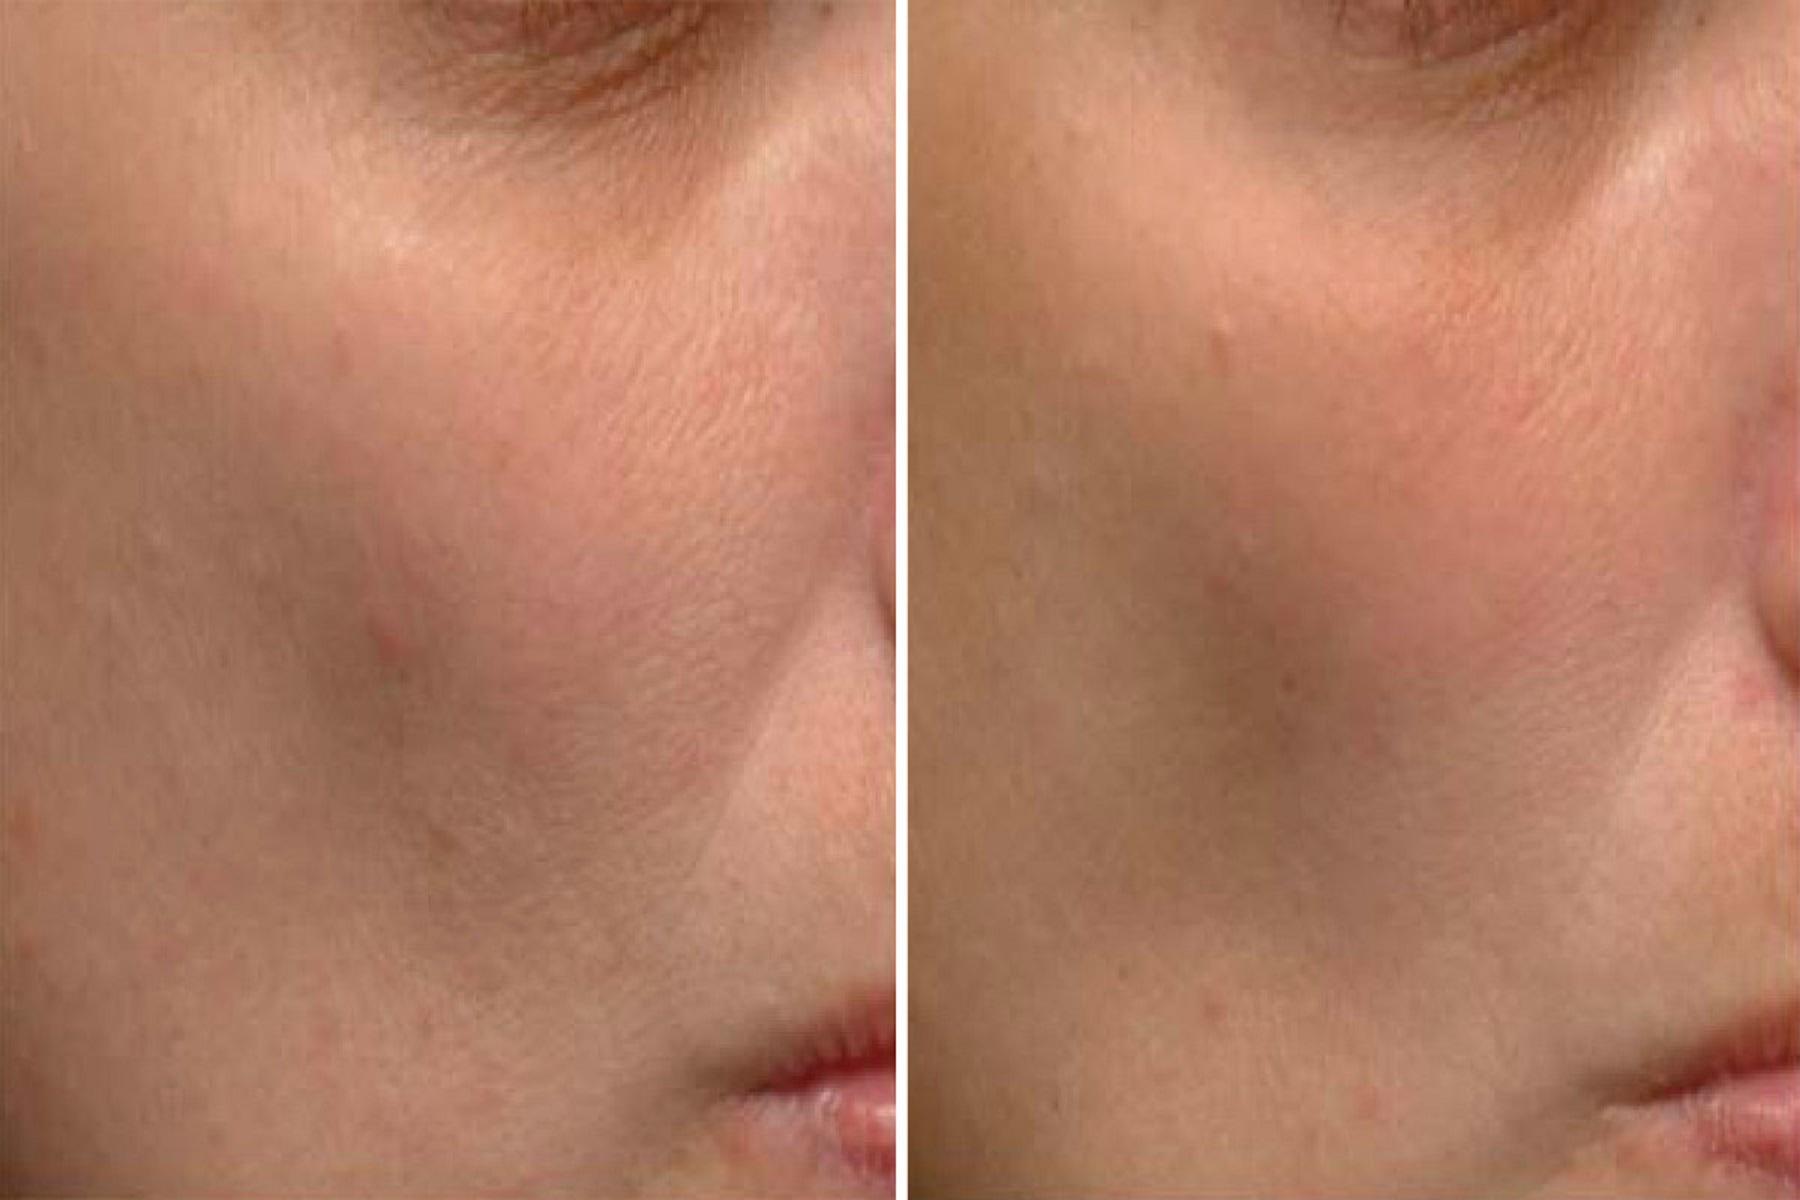 Nιασιναμίδη Ρετινόλη: Θεραπευτικά συστατικά για την ακμή και τον υπερχρωματισμό του δέρματος